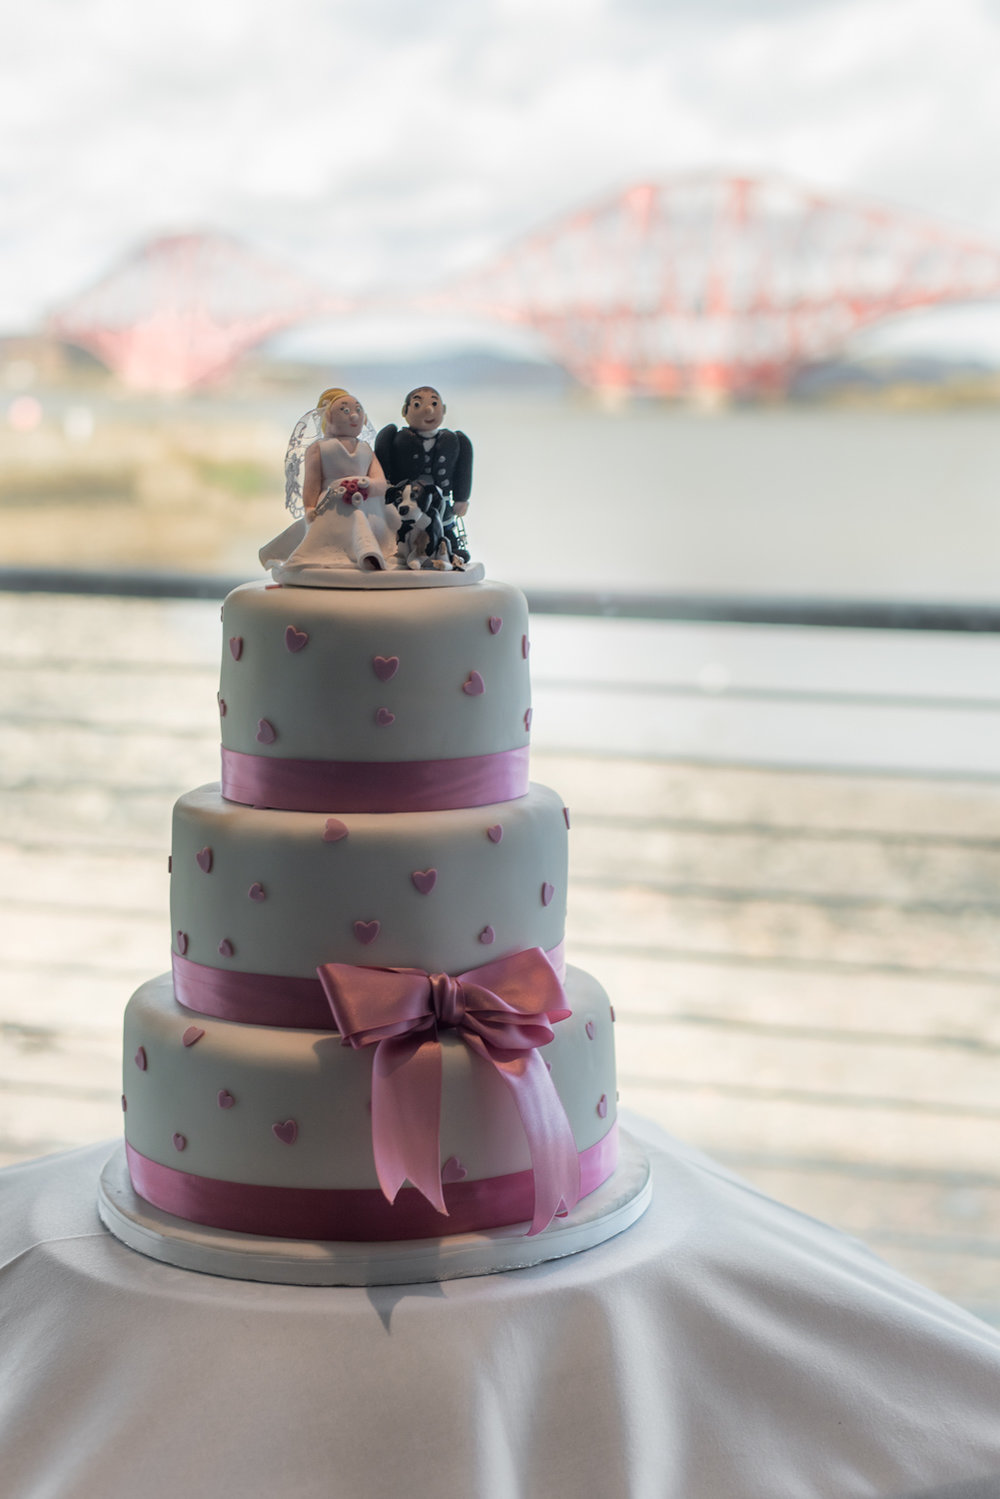 2018-03-23 OROCCO PIER WEDDING130708.jpg